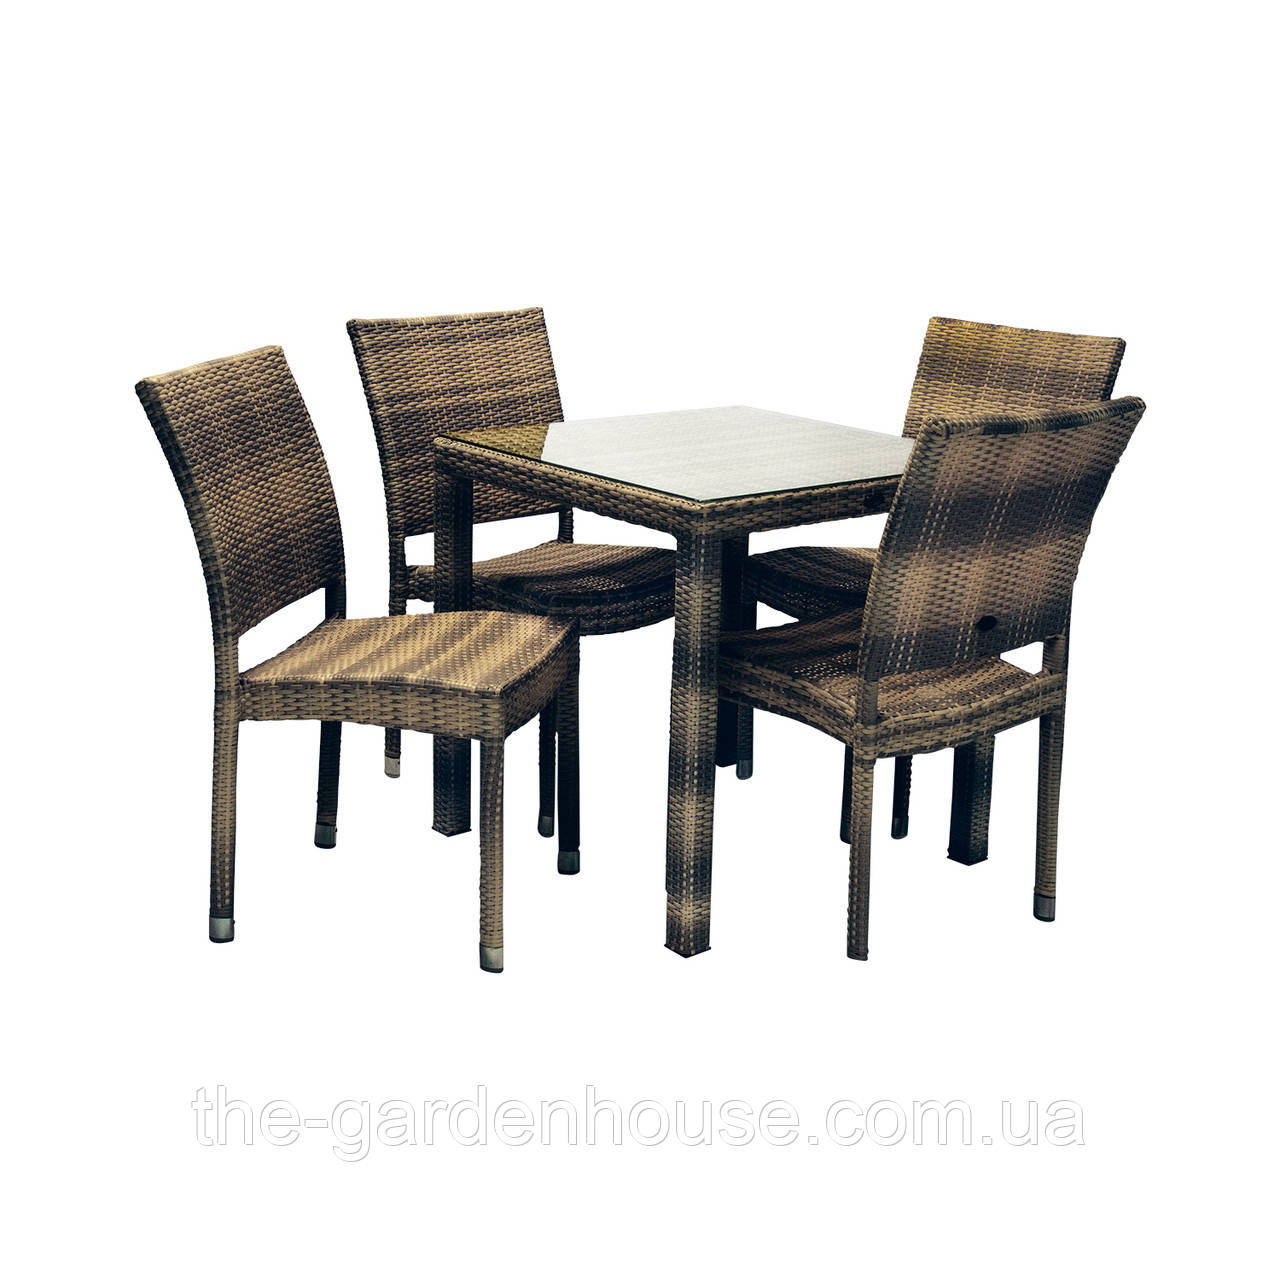 Столовый набор садовой мебели Викер из искусственного ротанга: стол и 4 стула темно-коричневый